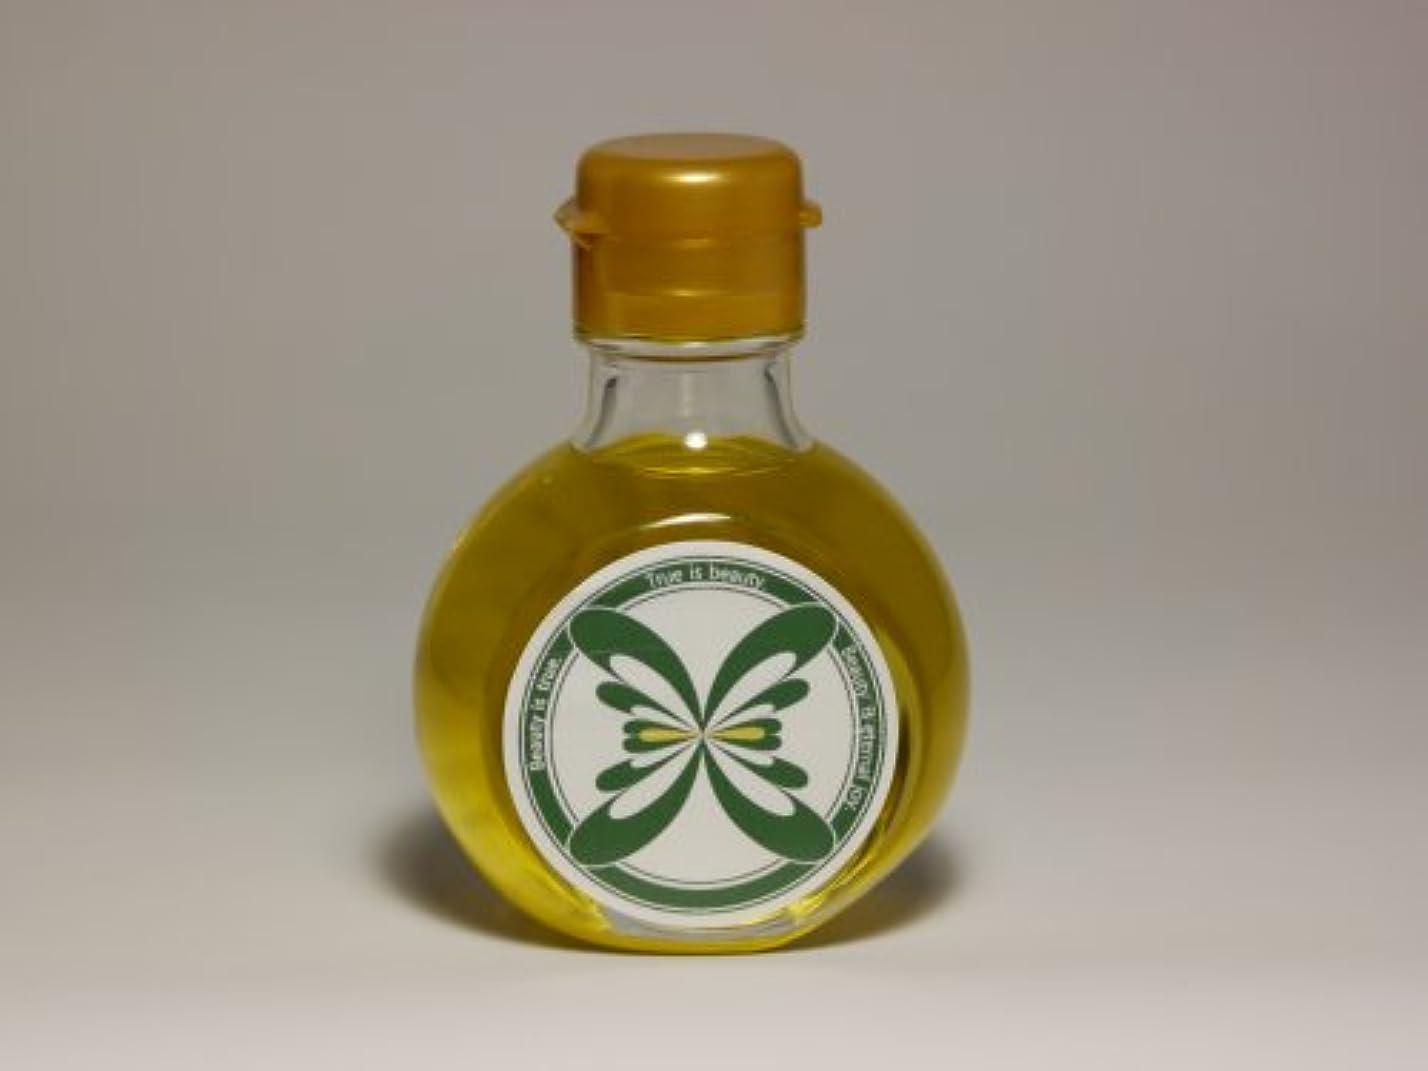 スキニー花瓶水族館モリンガゴールドオイル100 100ml 酸化しにくい飽和脂肪酸含有のモリンガオイル100%で、クレンジング(特にアイメイク落し)?保湿?ヘアオイルなど、色々な用途に使えます。